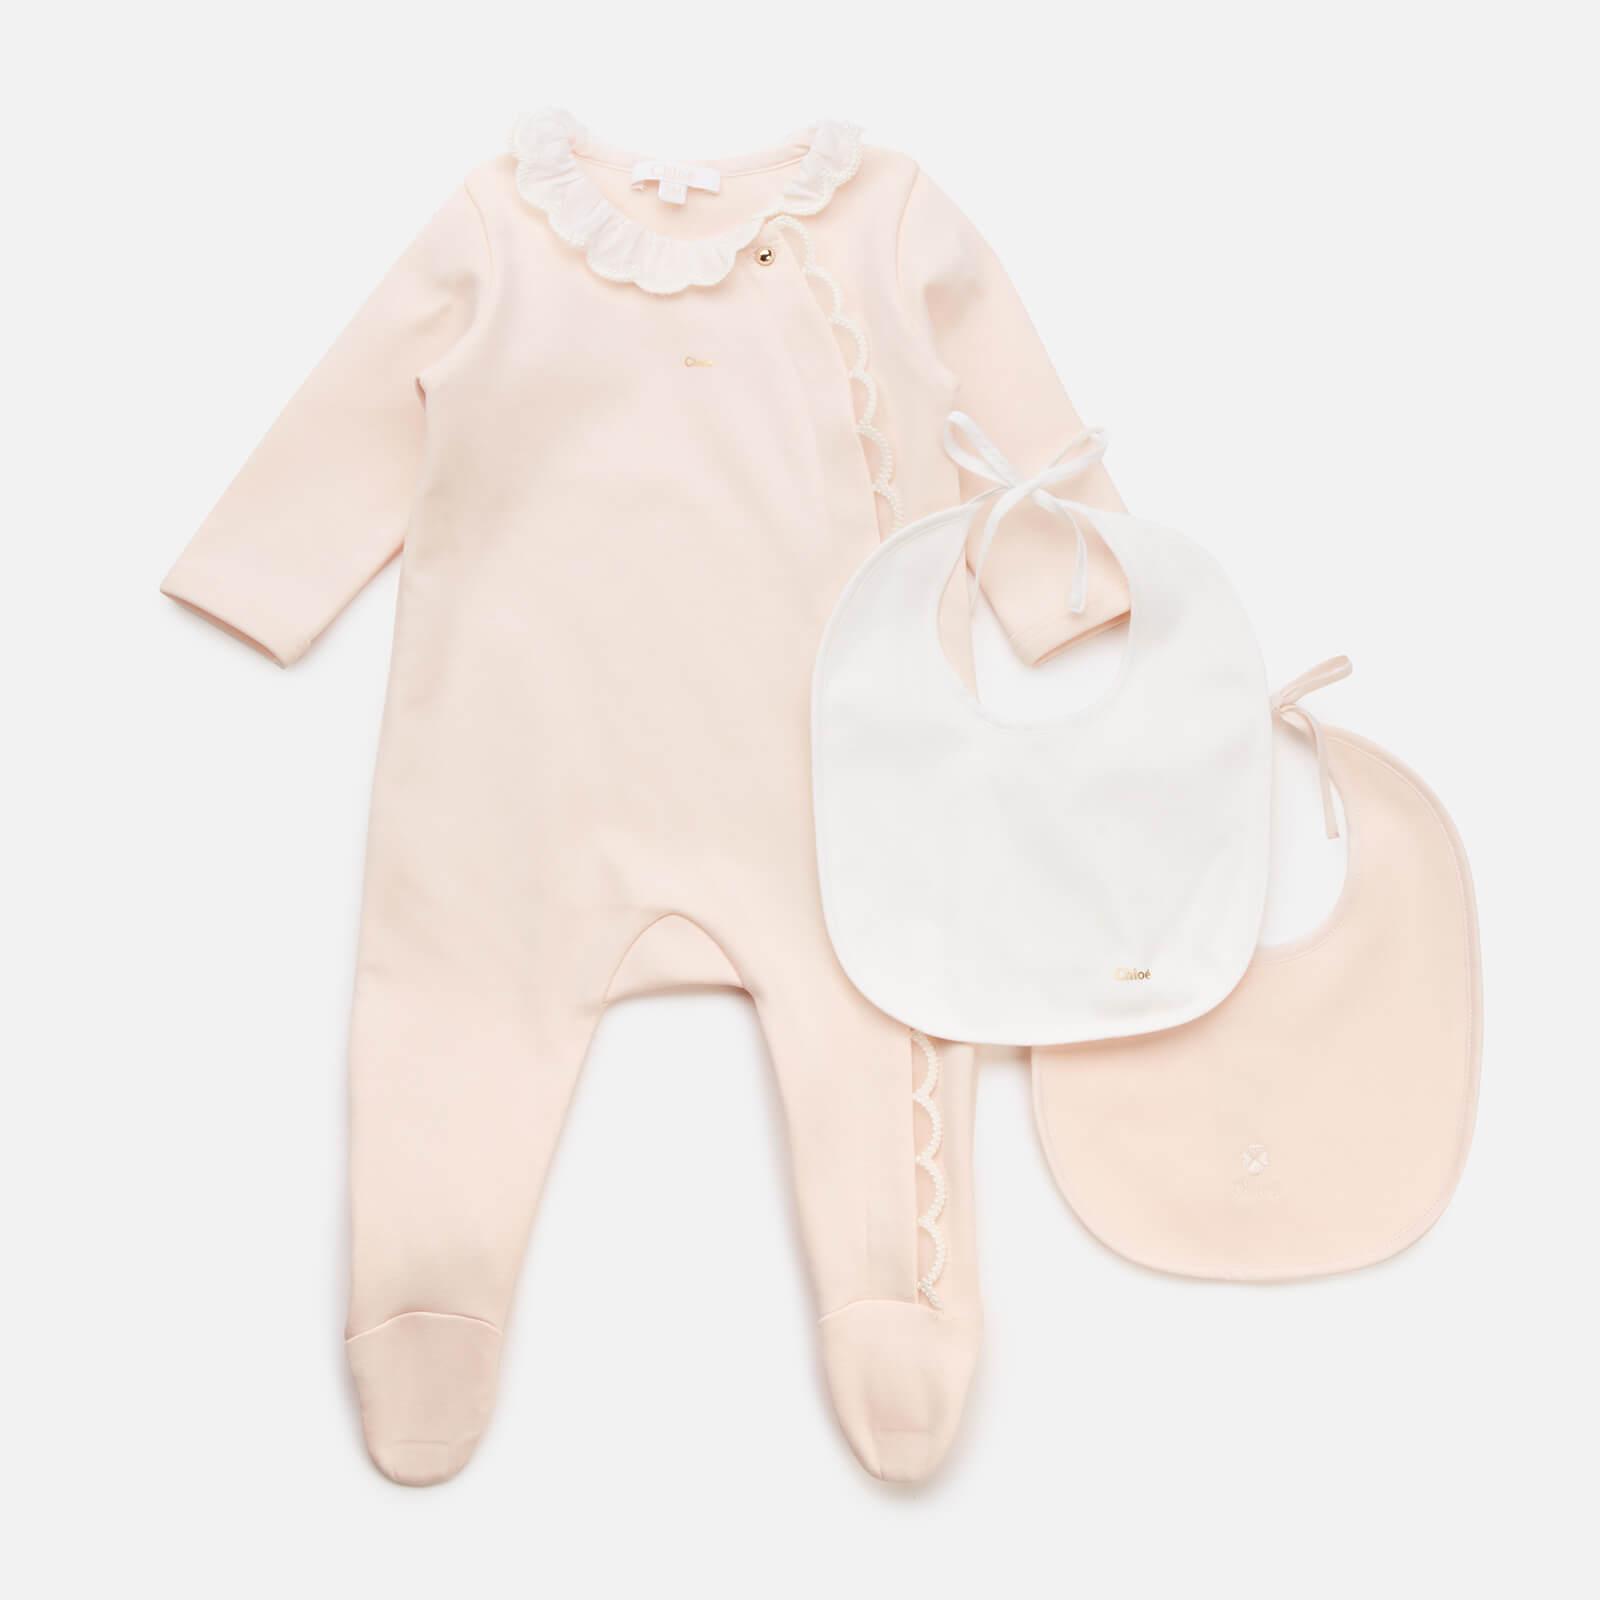 Chloe Baby Girls' Pyjamas and 2 Bibs Set - Salmon - Newborn